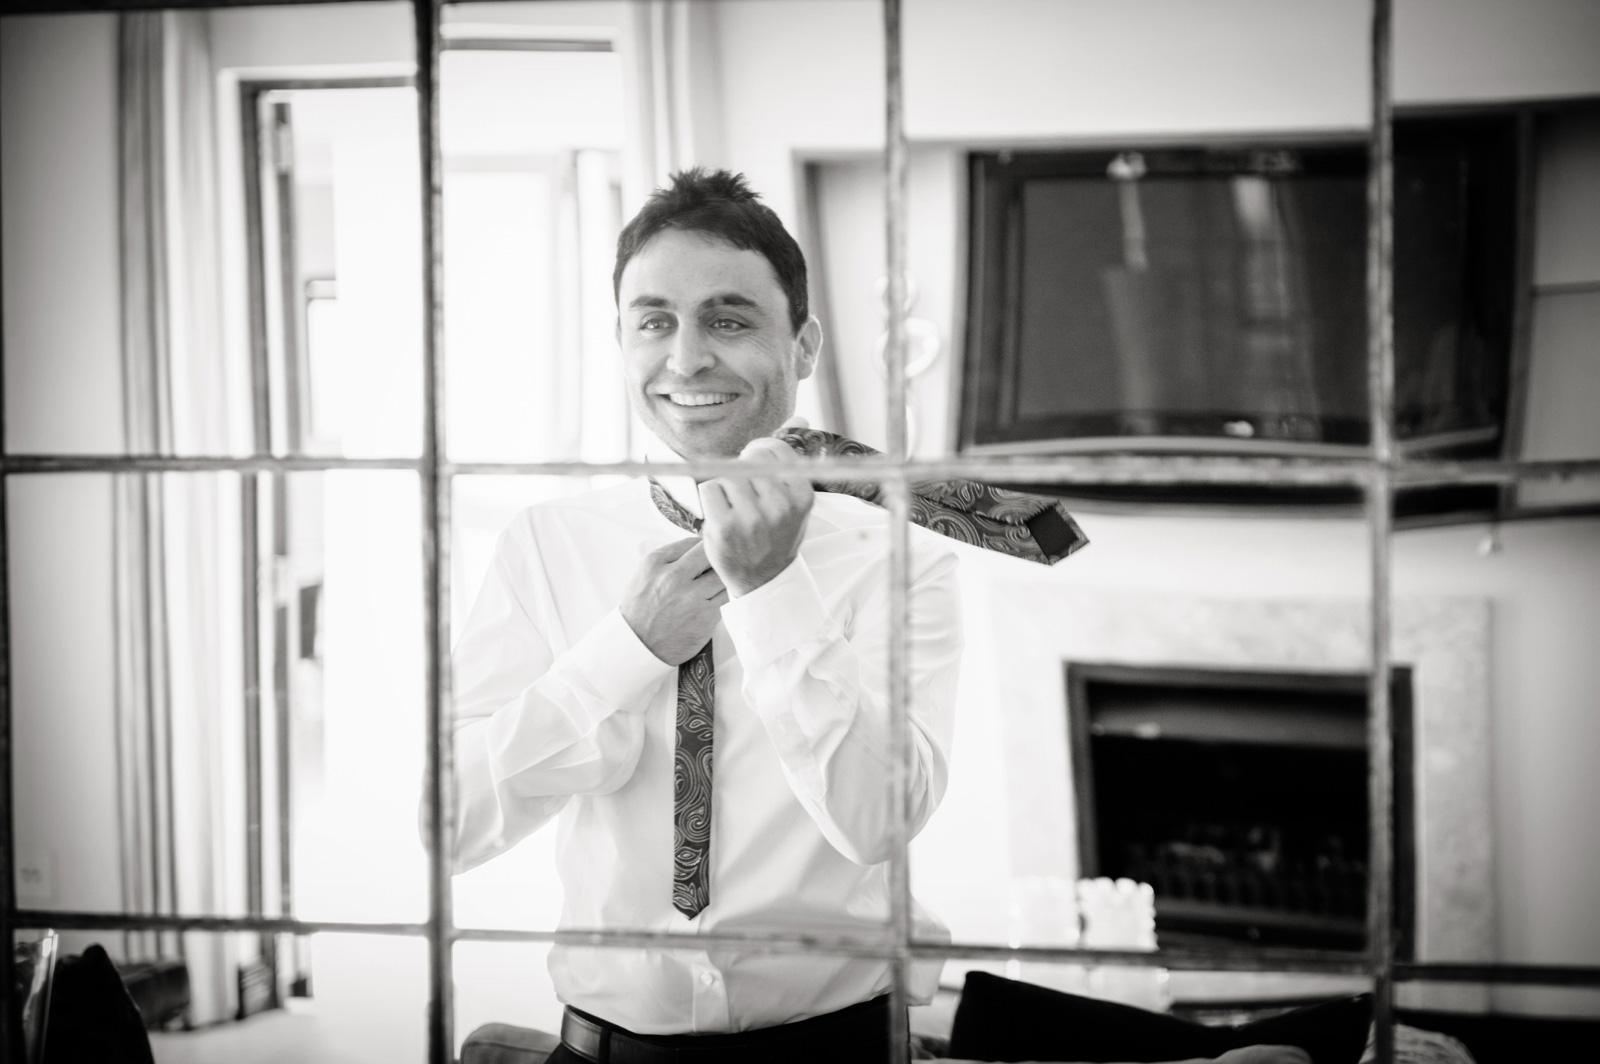 man doing tie